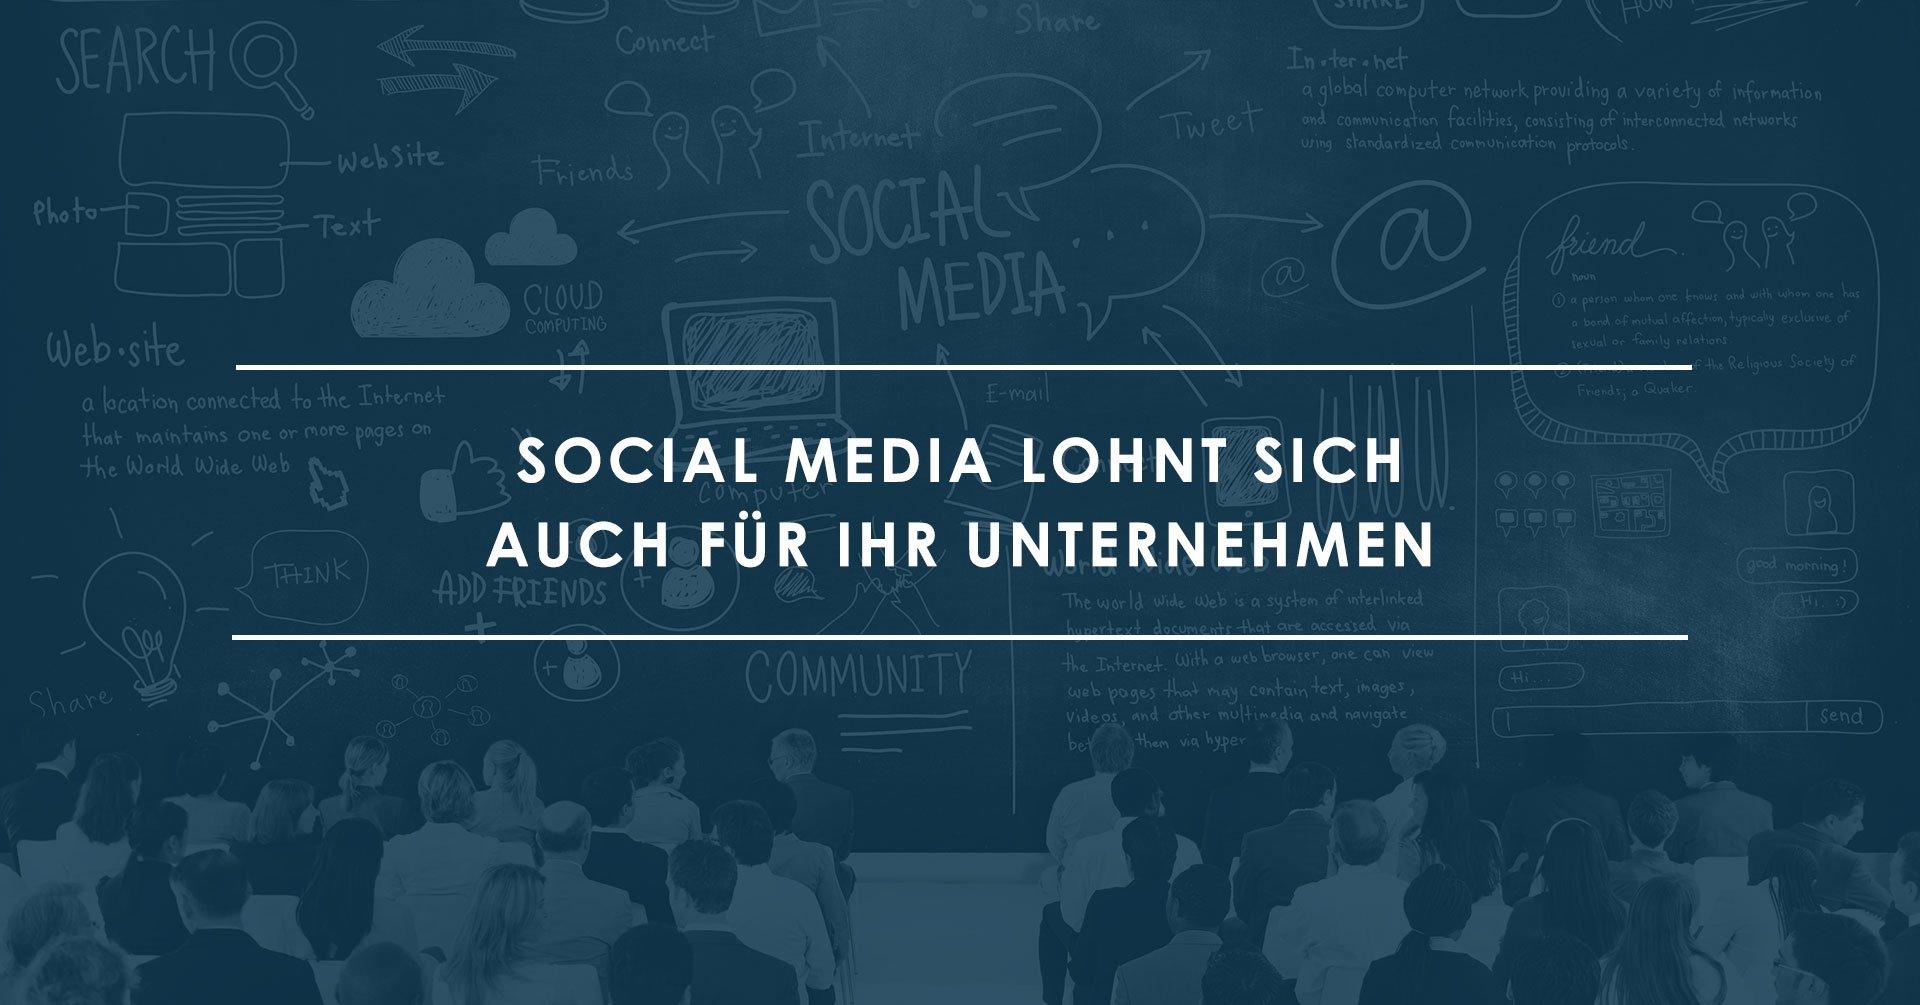 Wie-Unternehmen-den-größten-Nutzen-aus-Social-Media-ziehen